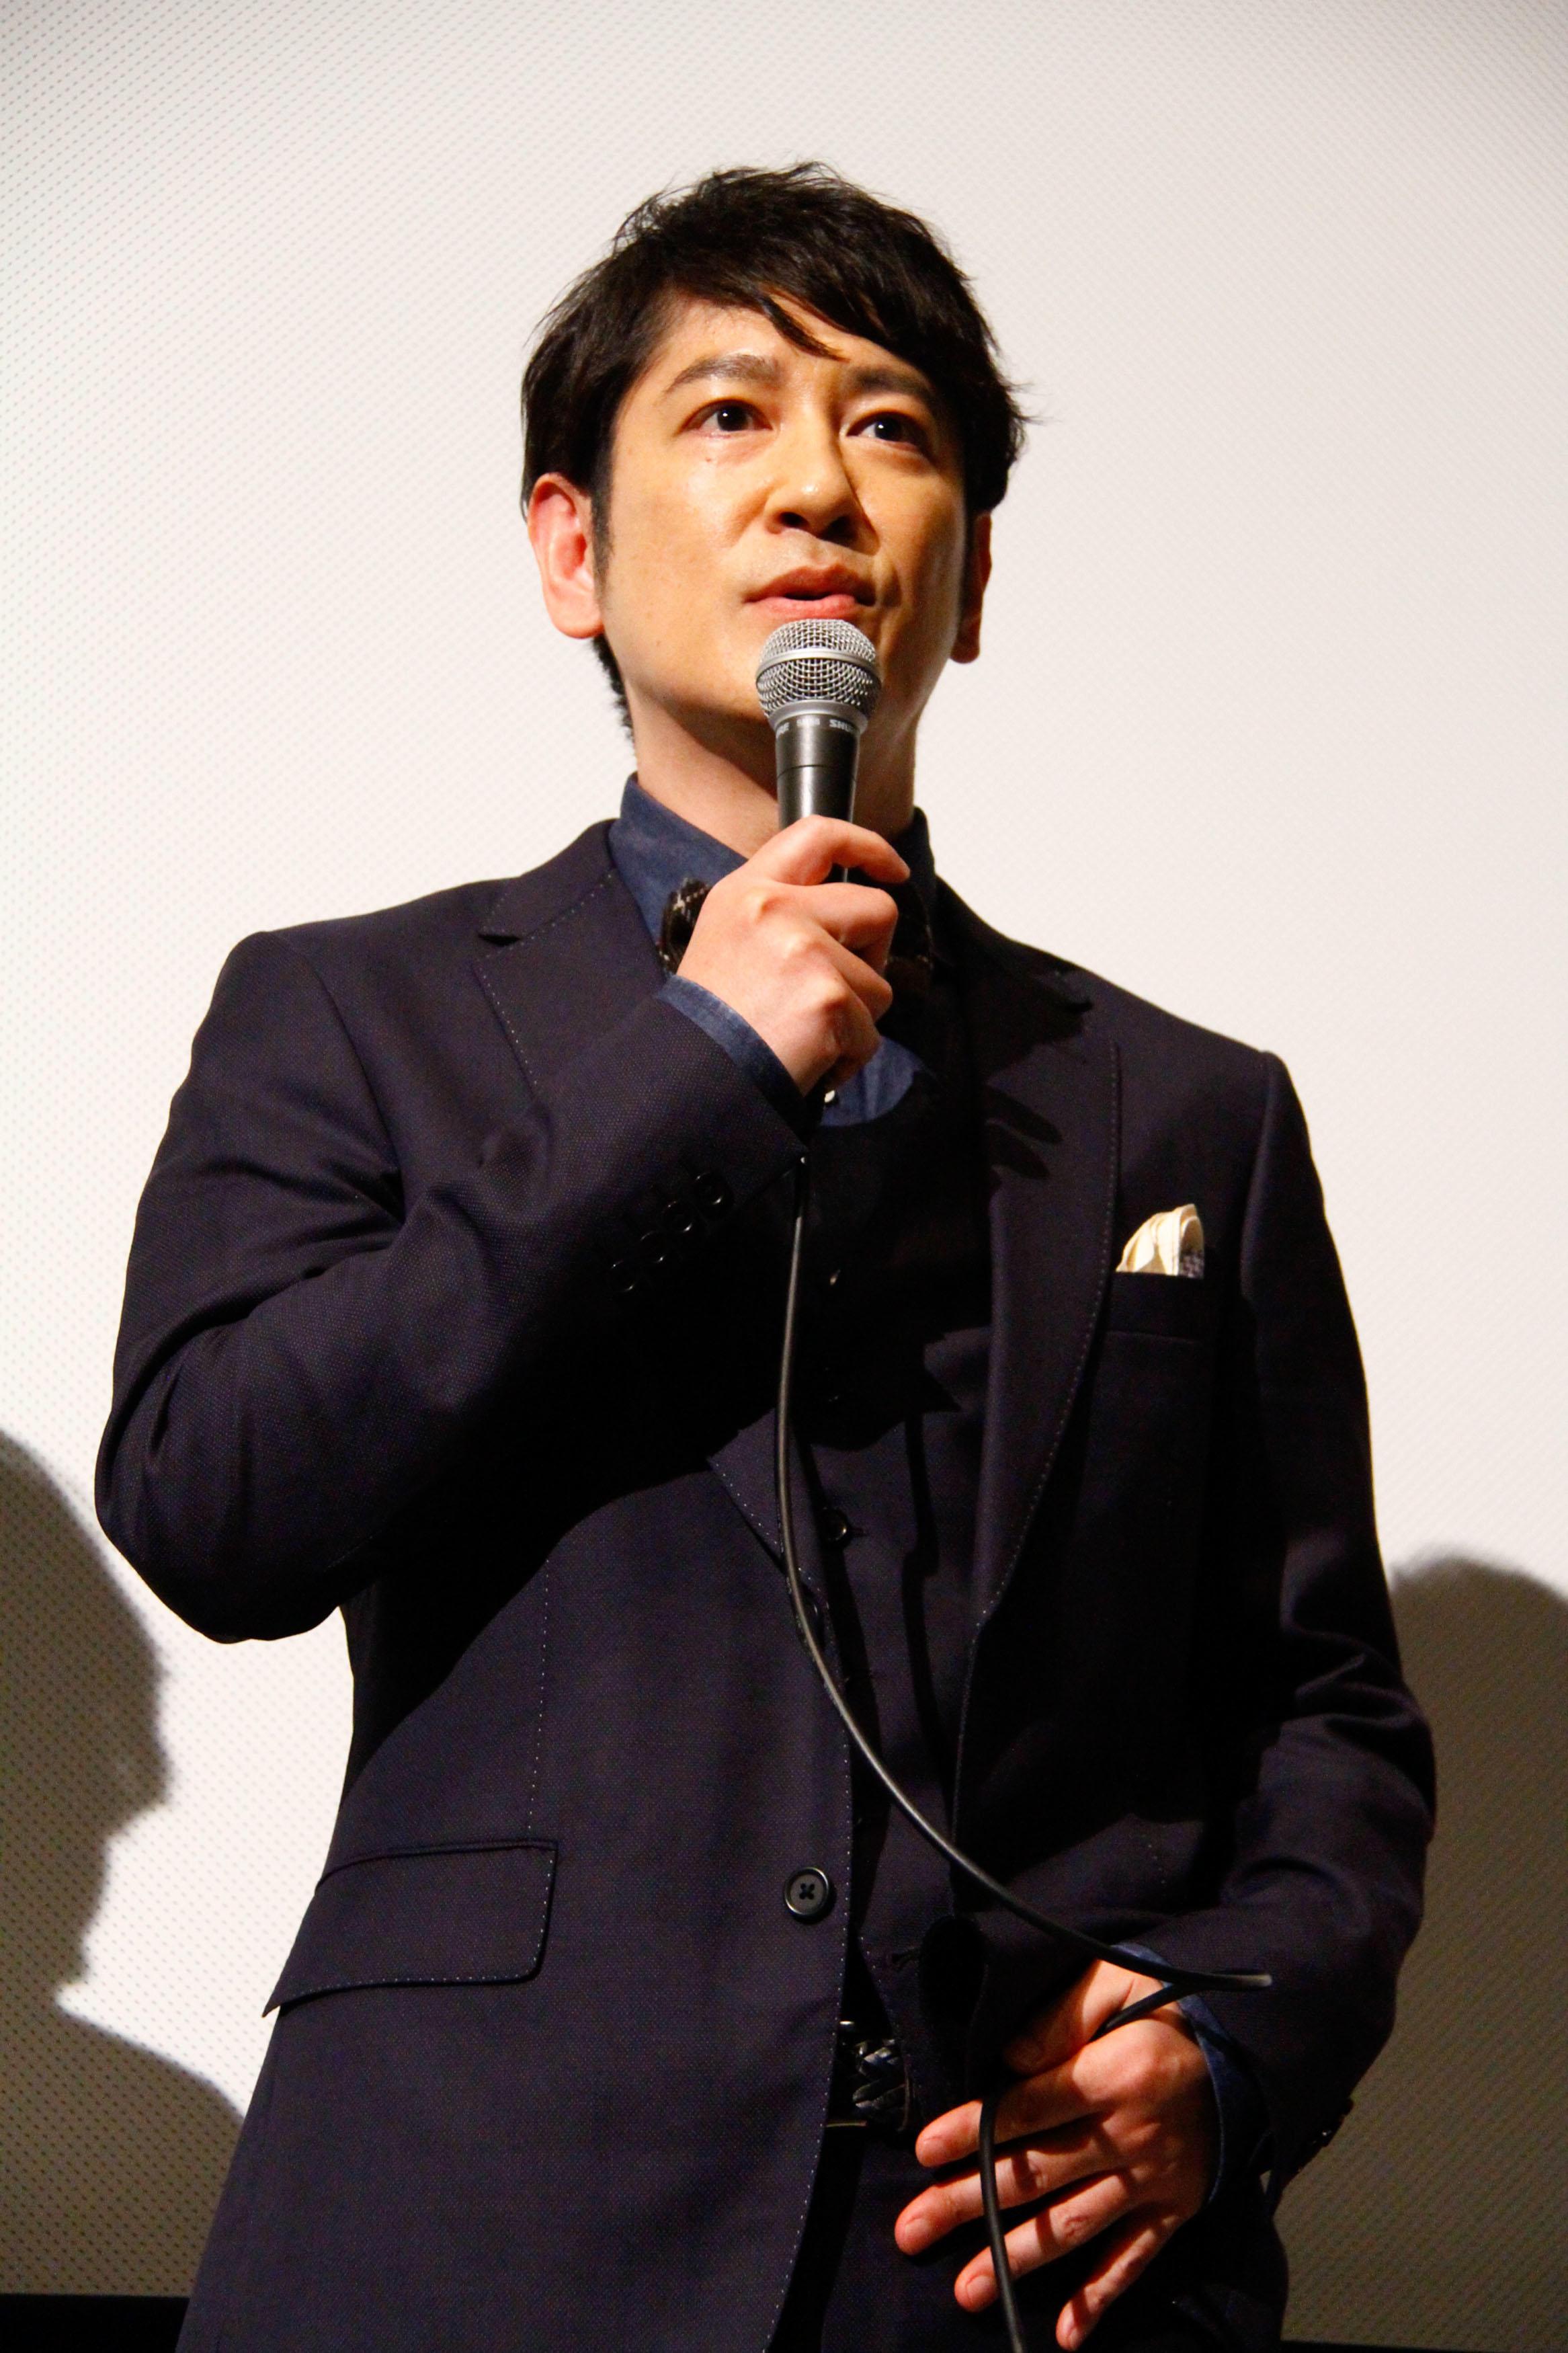 http://news.yoshimoto.co.jp/20180331233645-4b7858a0835cafe6214b28badbfe1ec0eb2ac16b.jpg